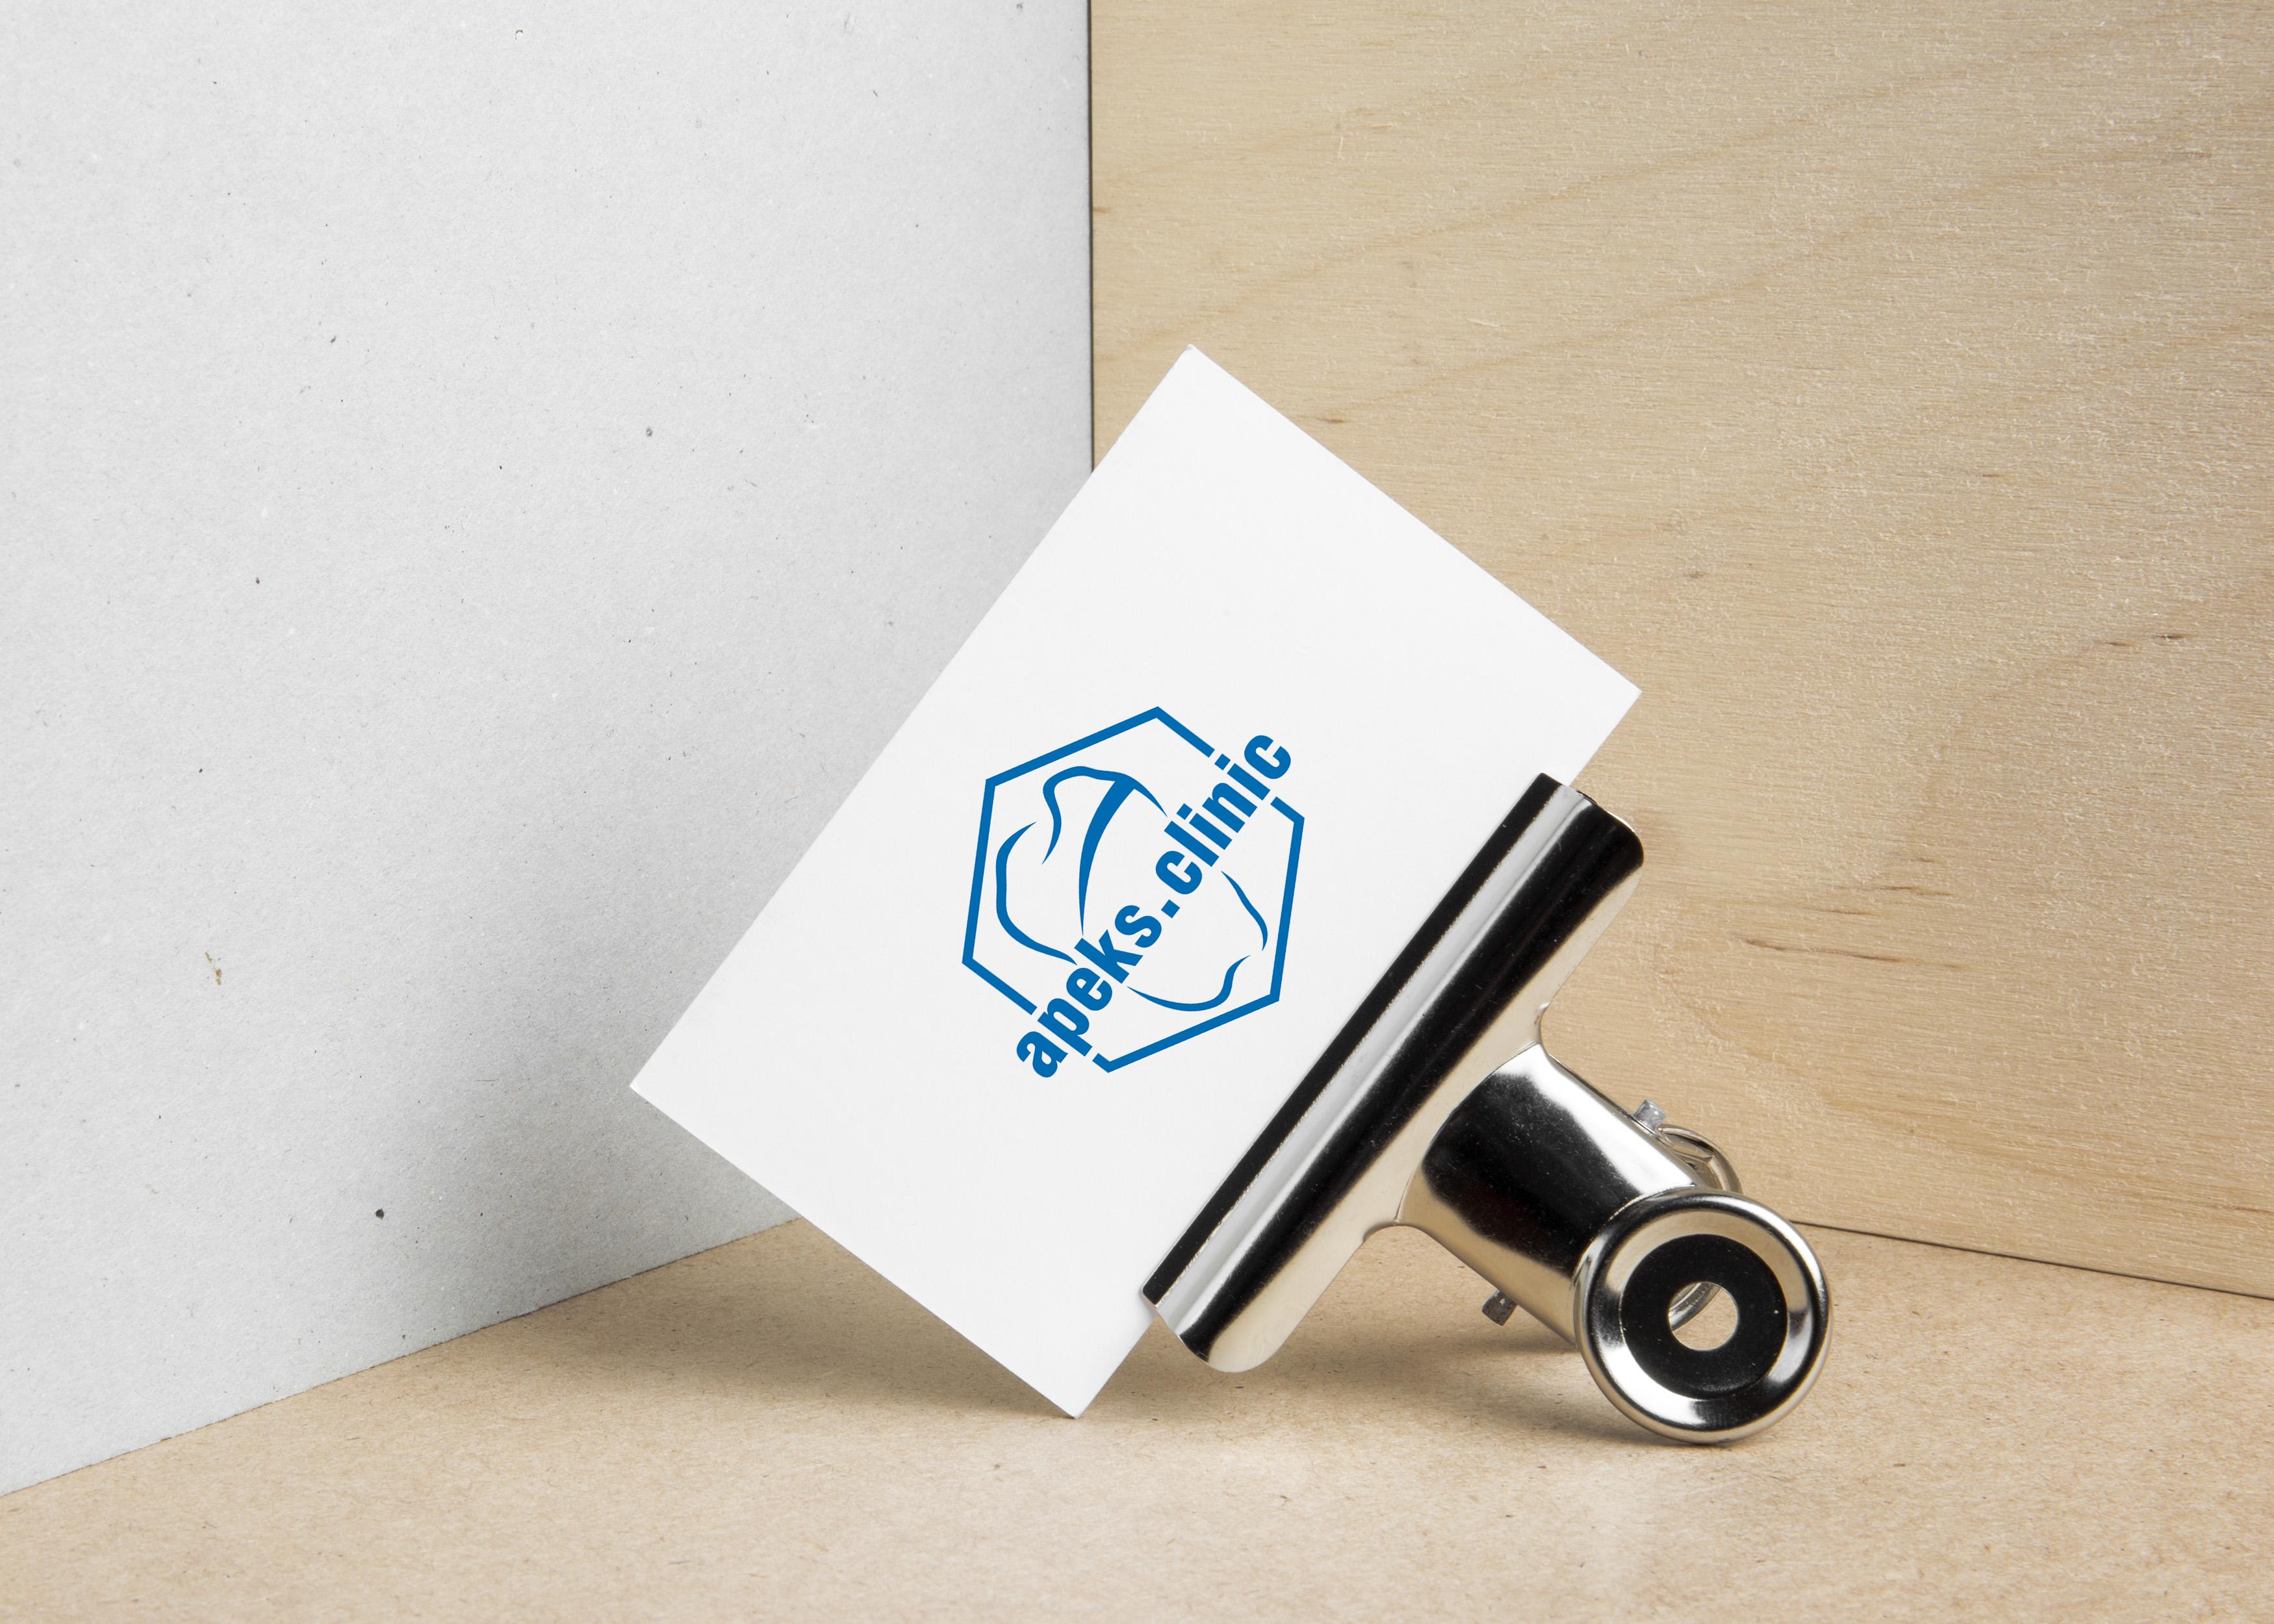 Логотип для стоматологии фото f_8235c866d8c888ca.jpg